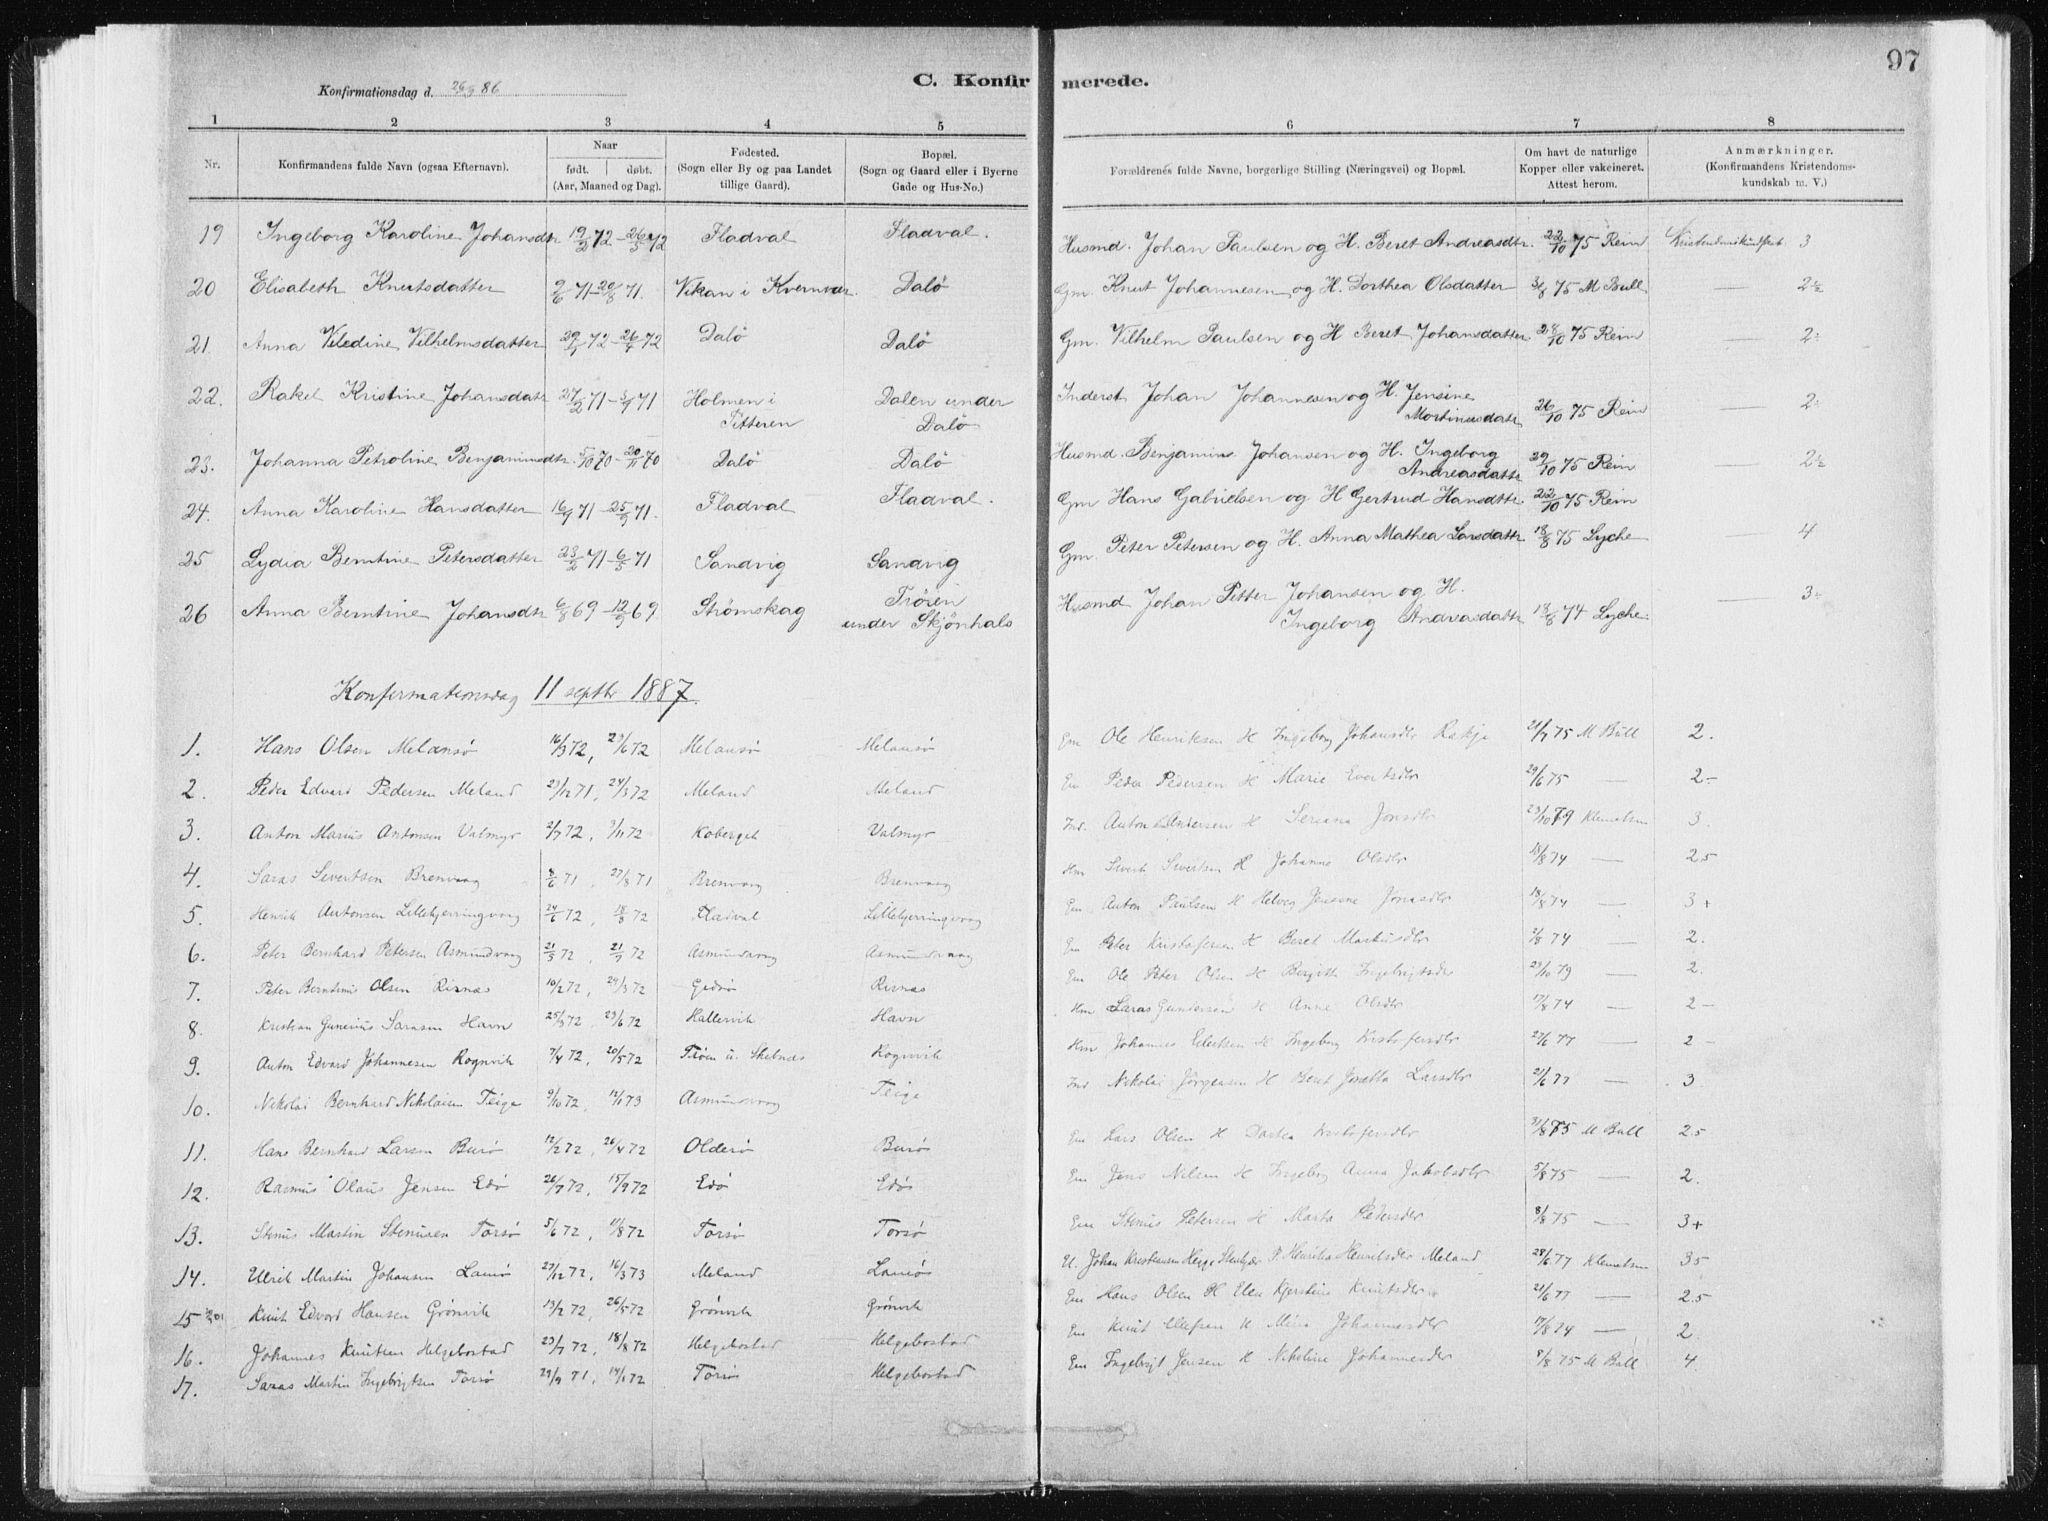 SAT, Ministerialprotokoller, klokkerbøker og fødselsregistre - Sør-Trøndelag, 634/L0533: Ministerialbok nr. 634A09, 1882-1901, s. 97